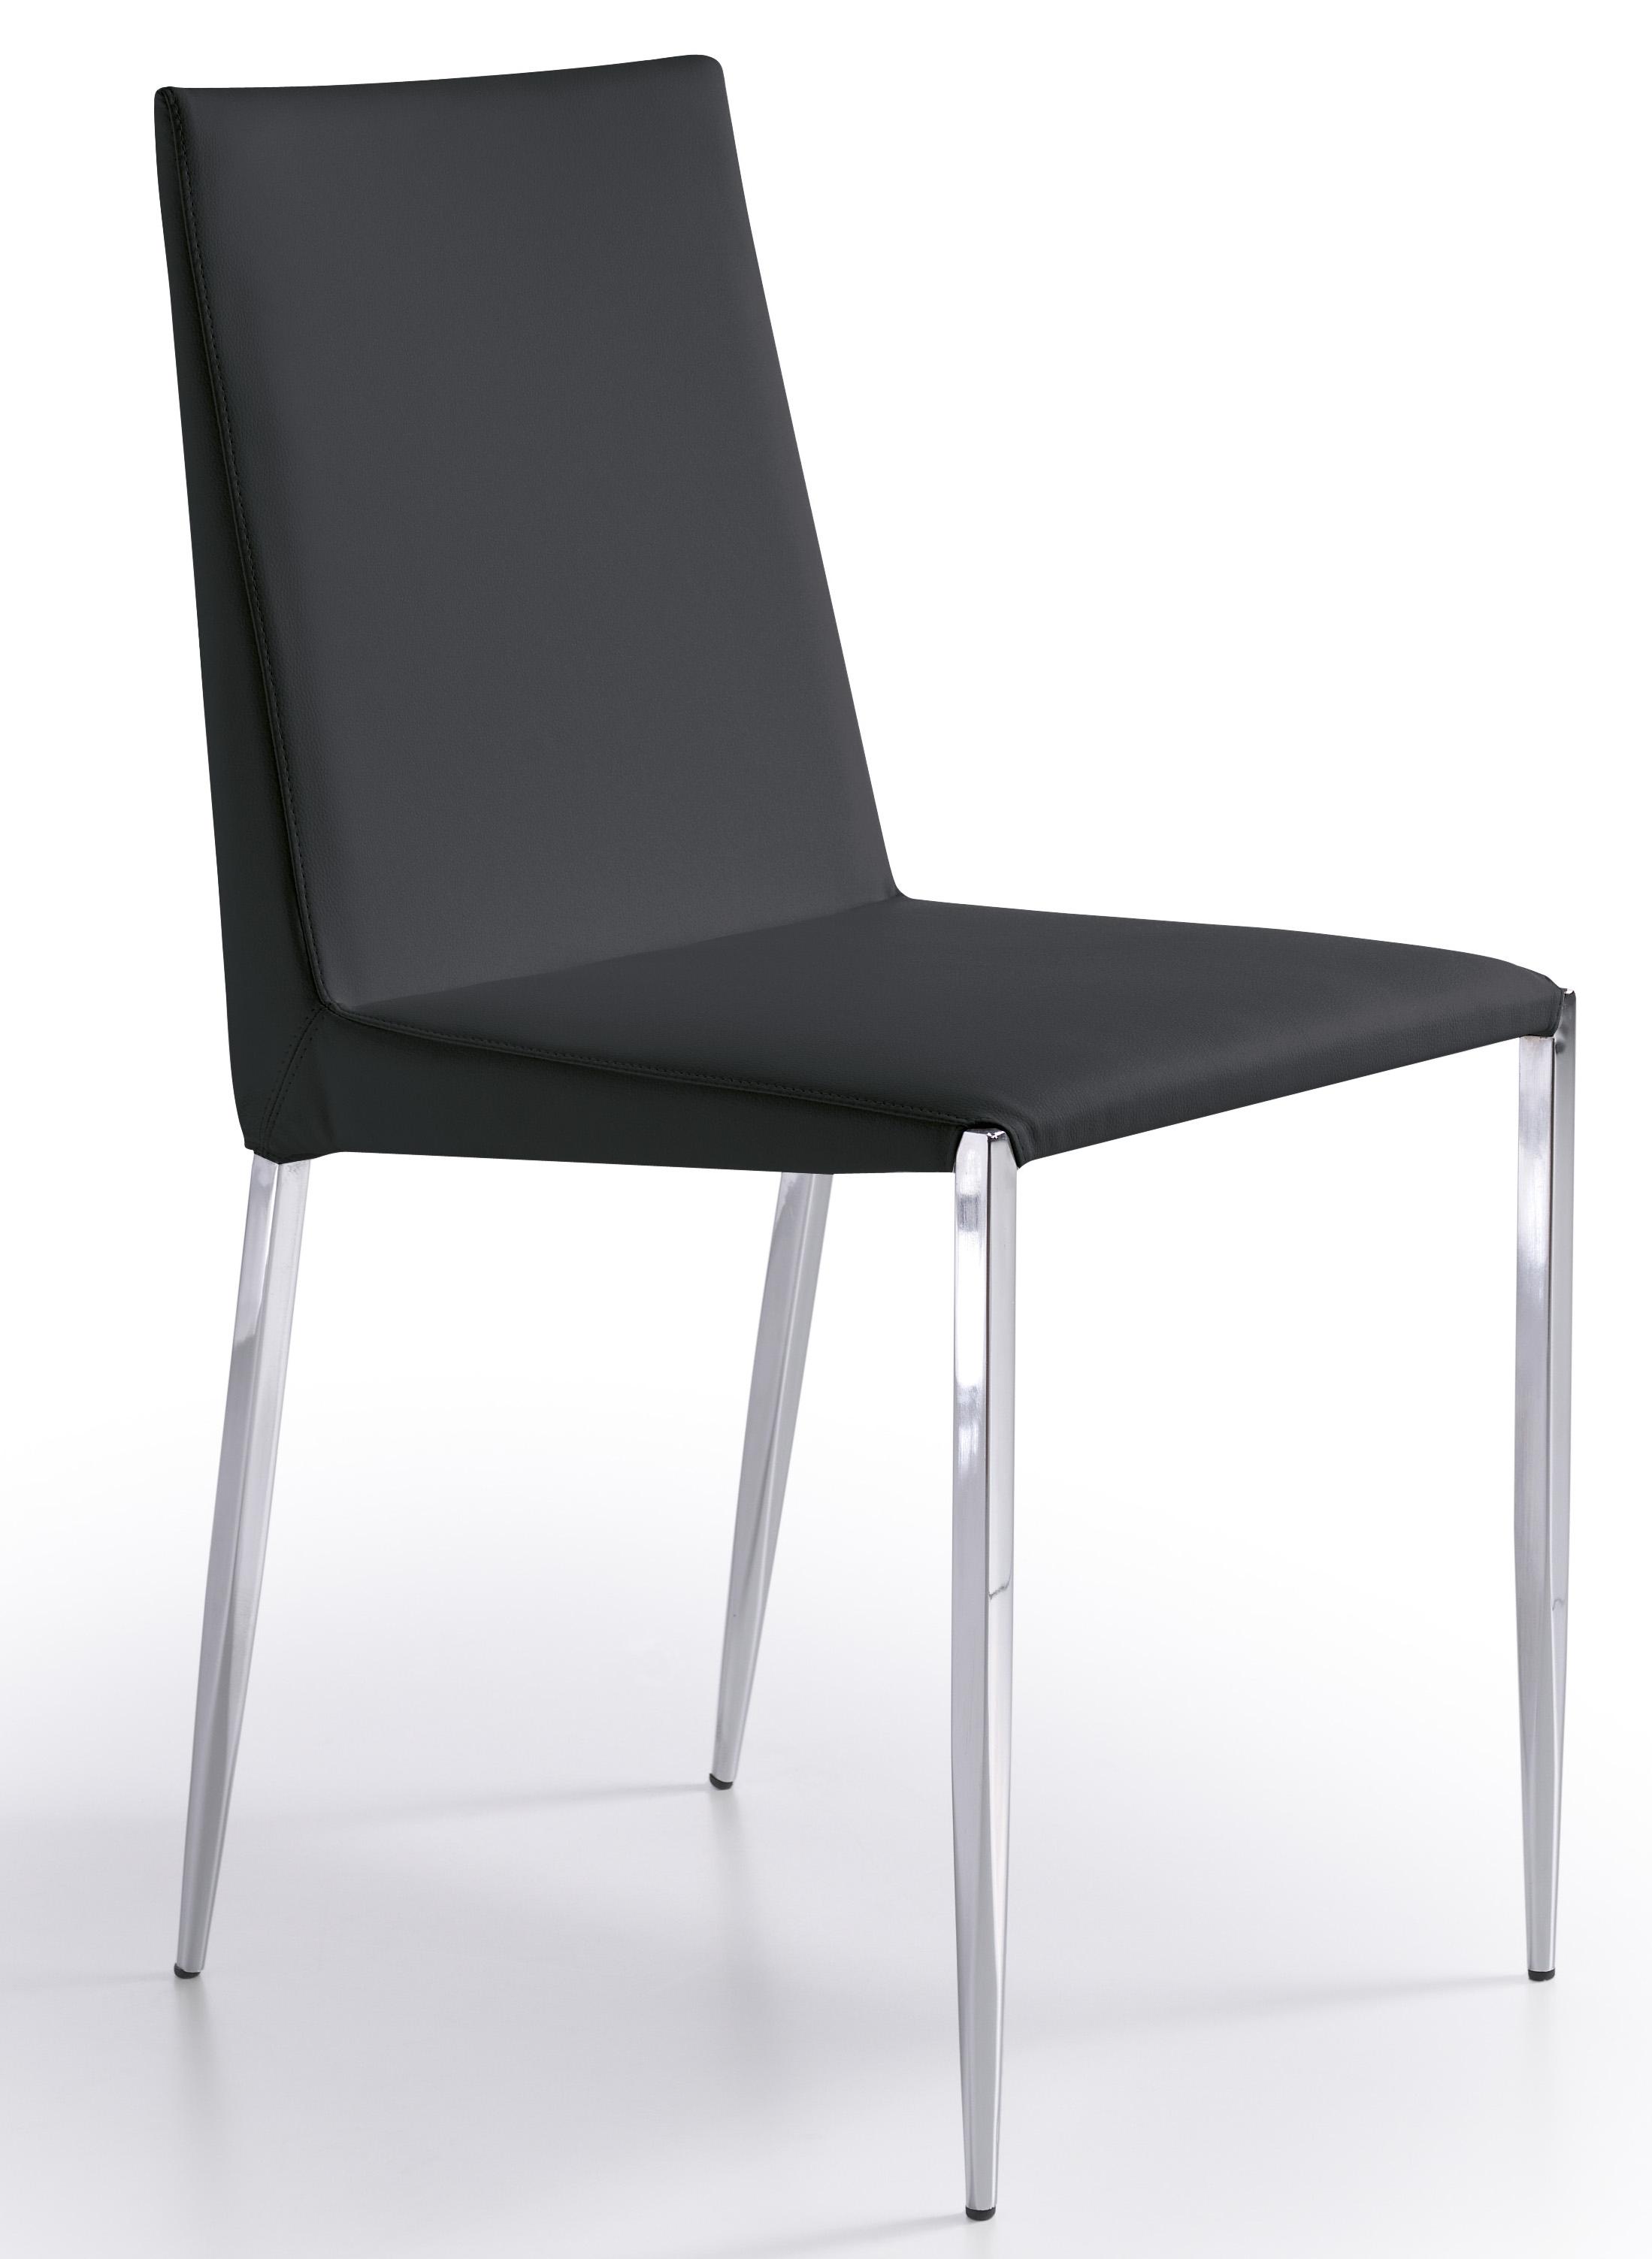 Chaise design noir oliva lot de 2 for Chaise noire design